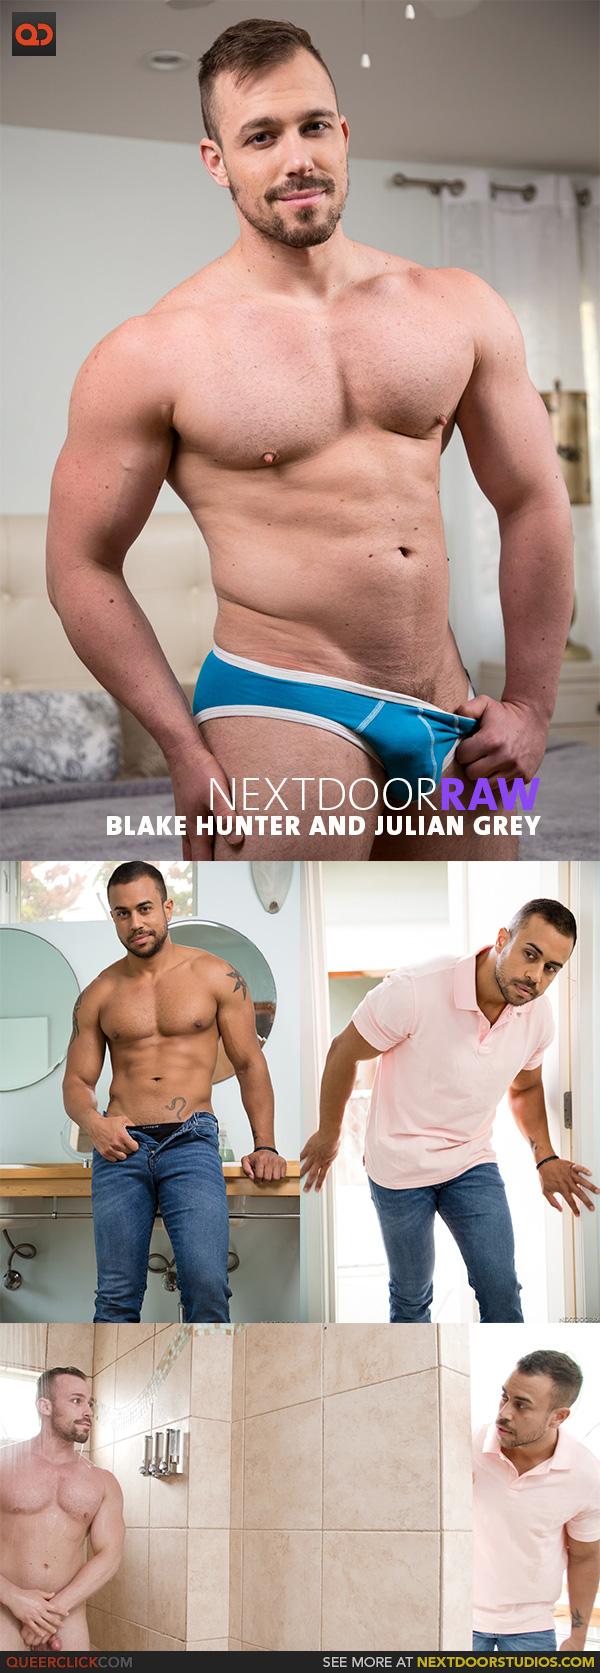 Next Door Studios: Blake Hunter and Julian Grey